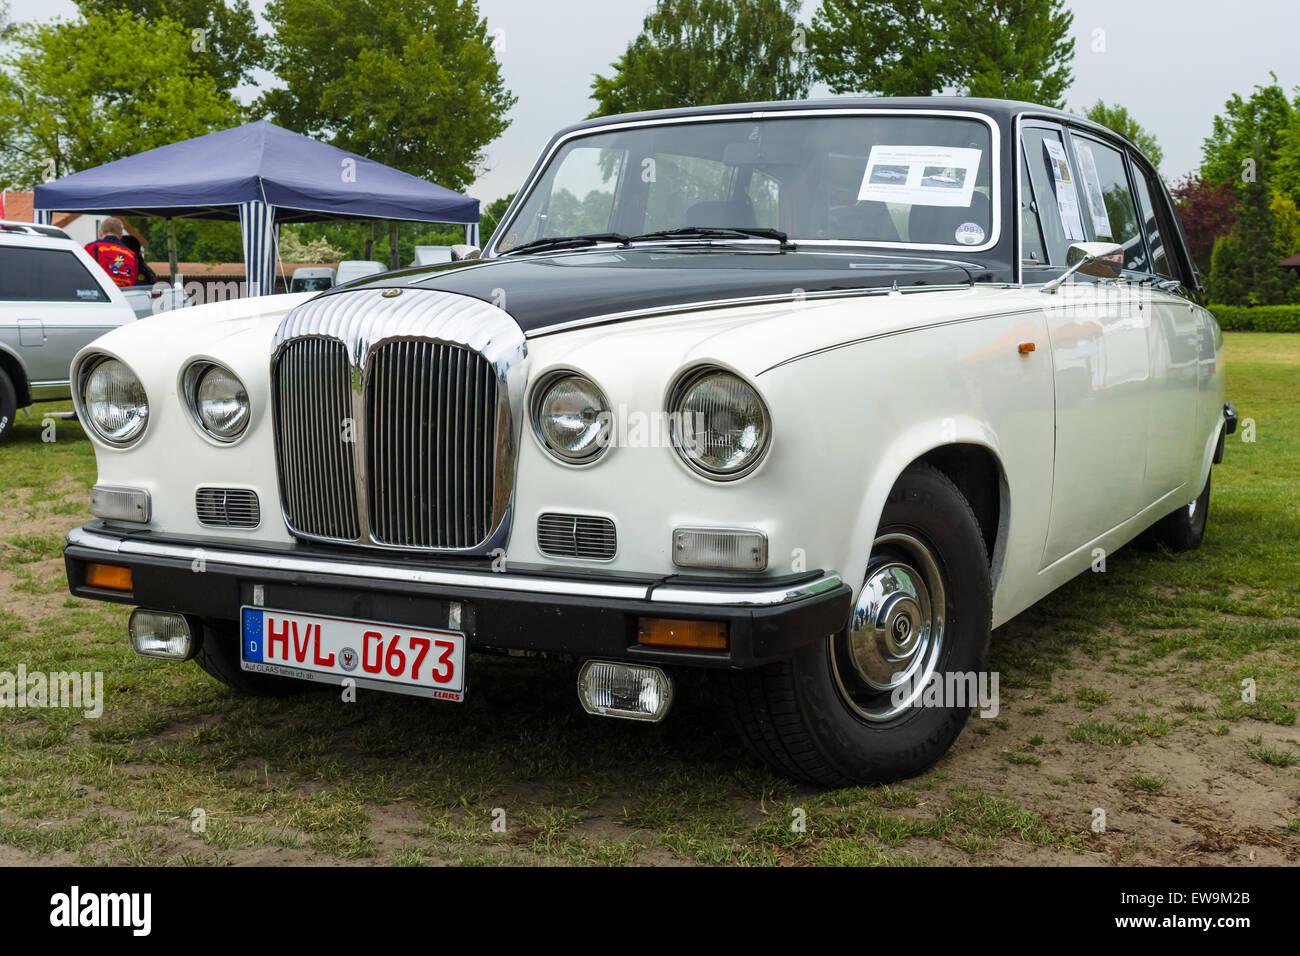 Fleetwood Park Car Show